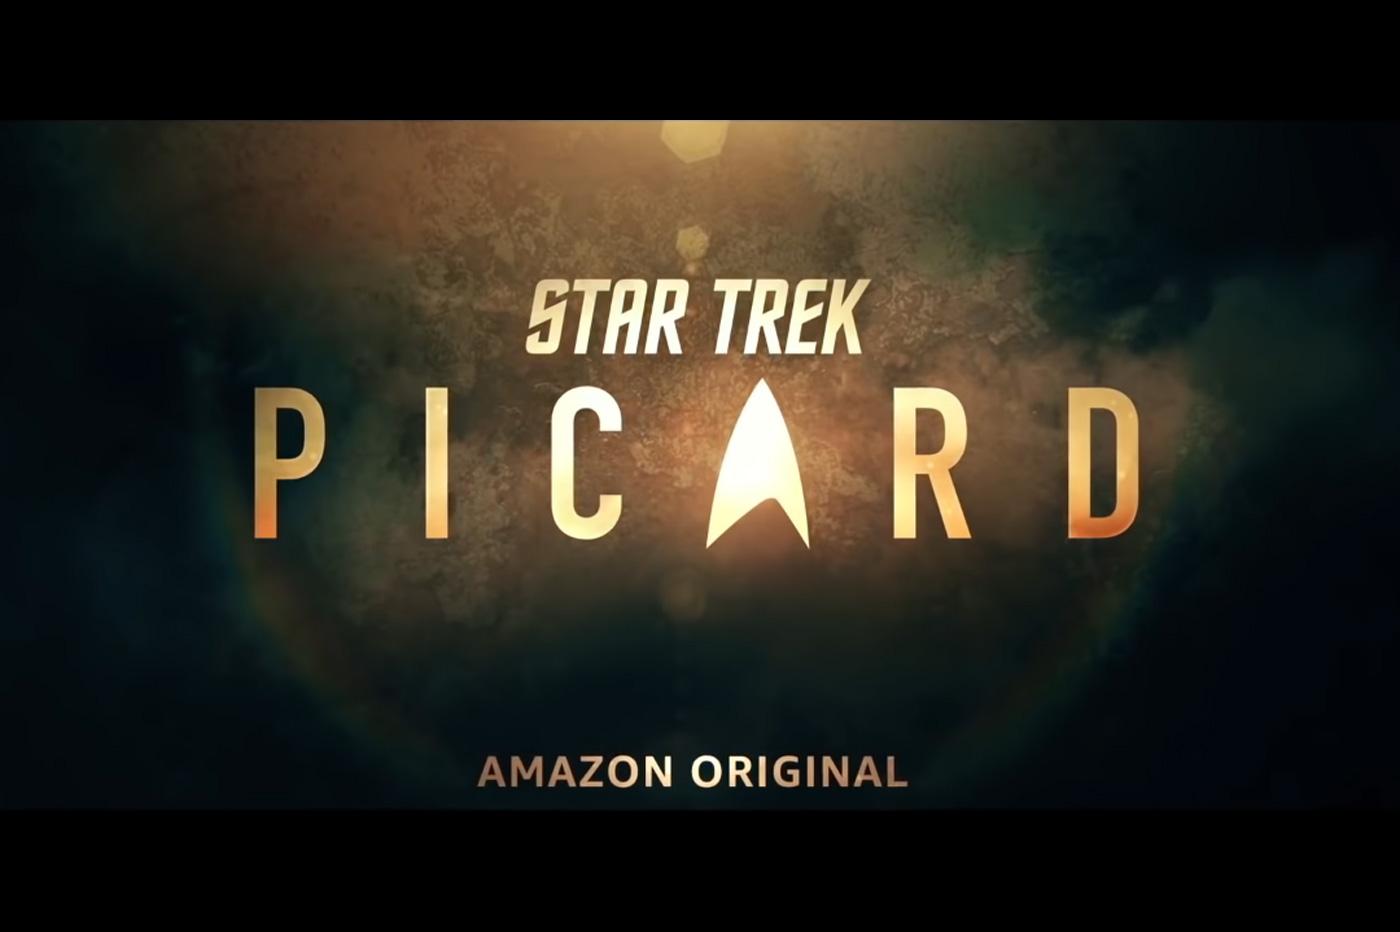 Le premier trailer vidéo est là — Star Trek Picard